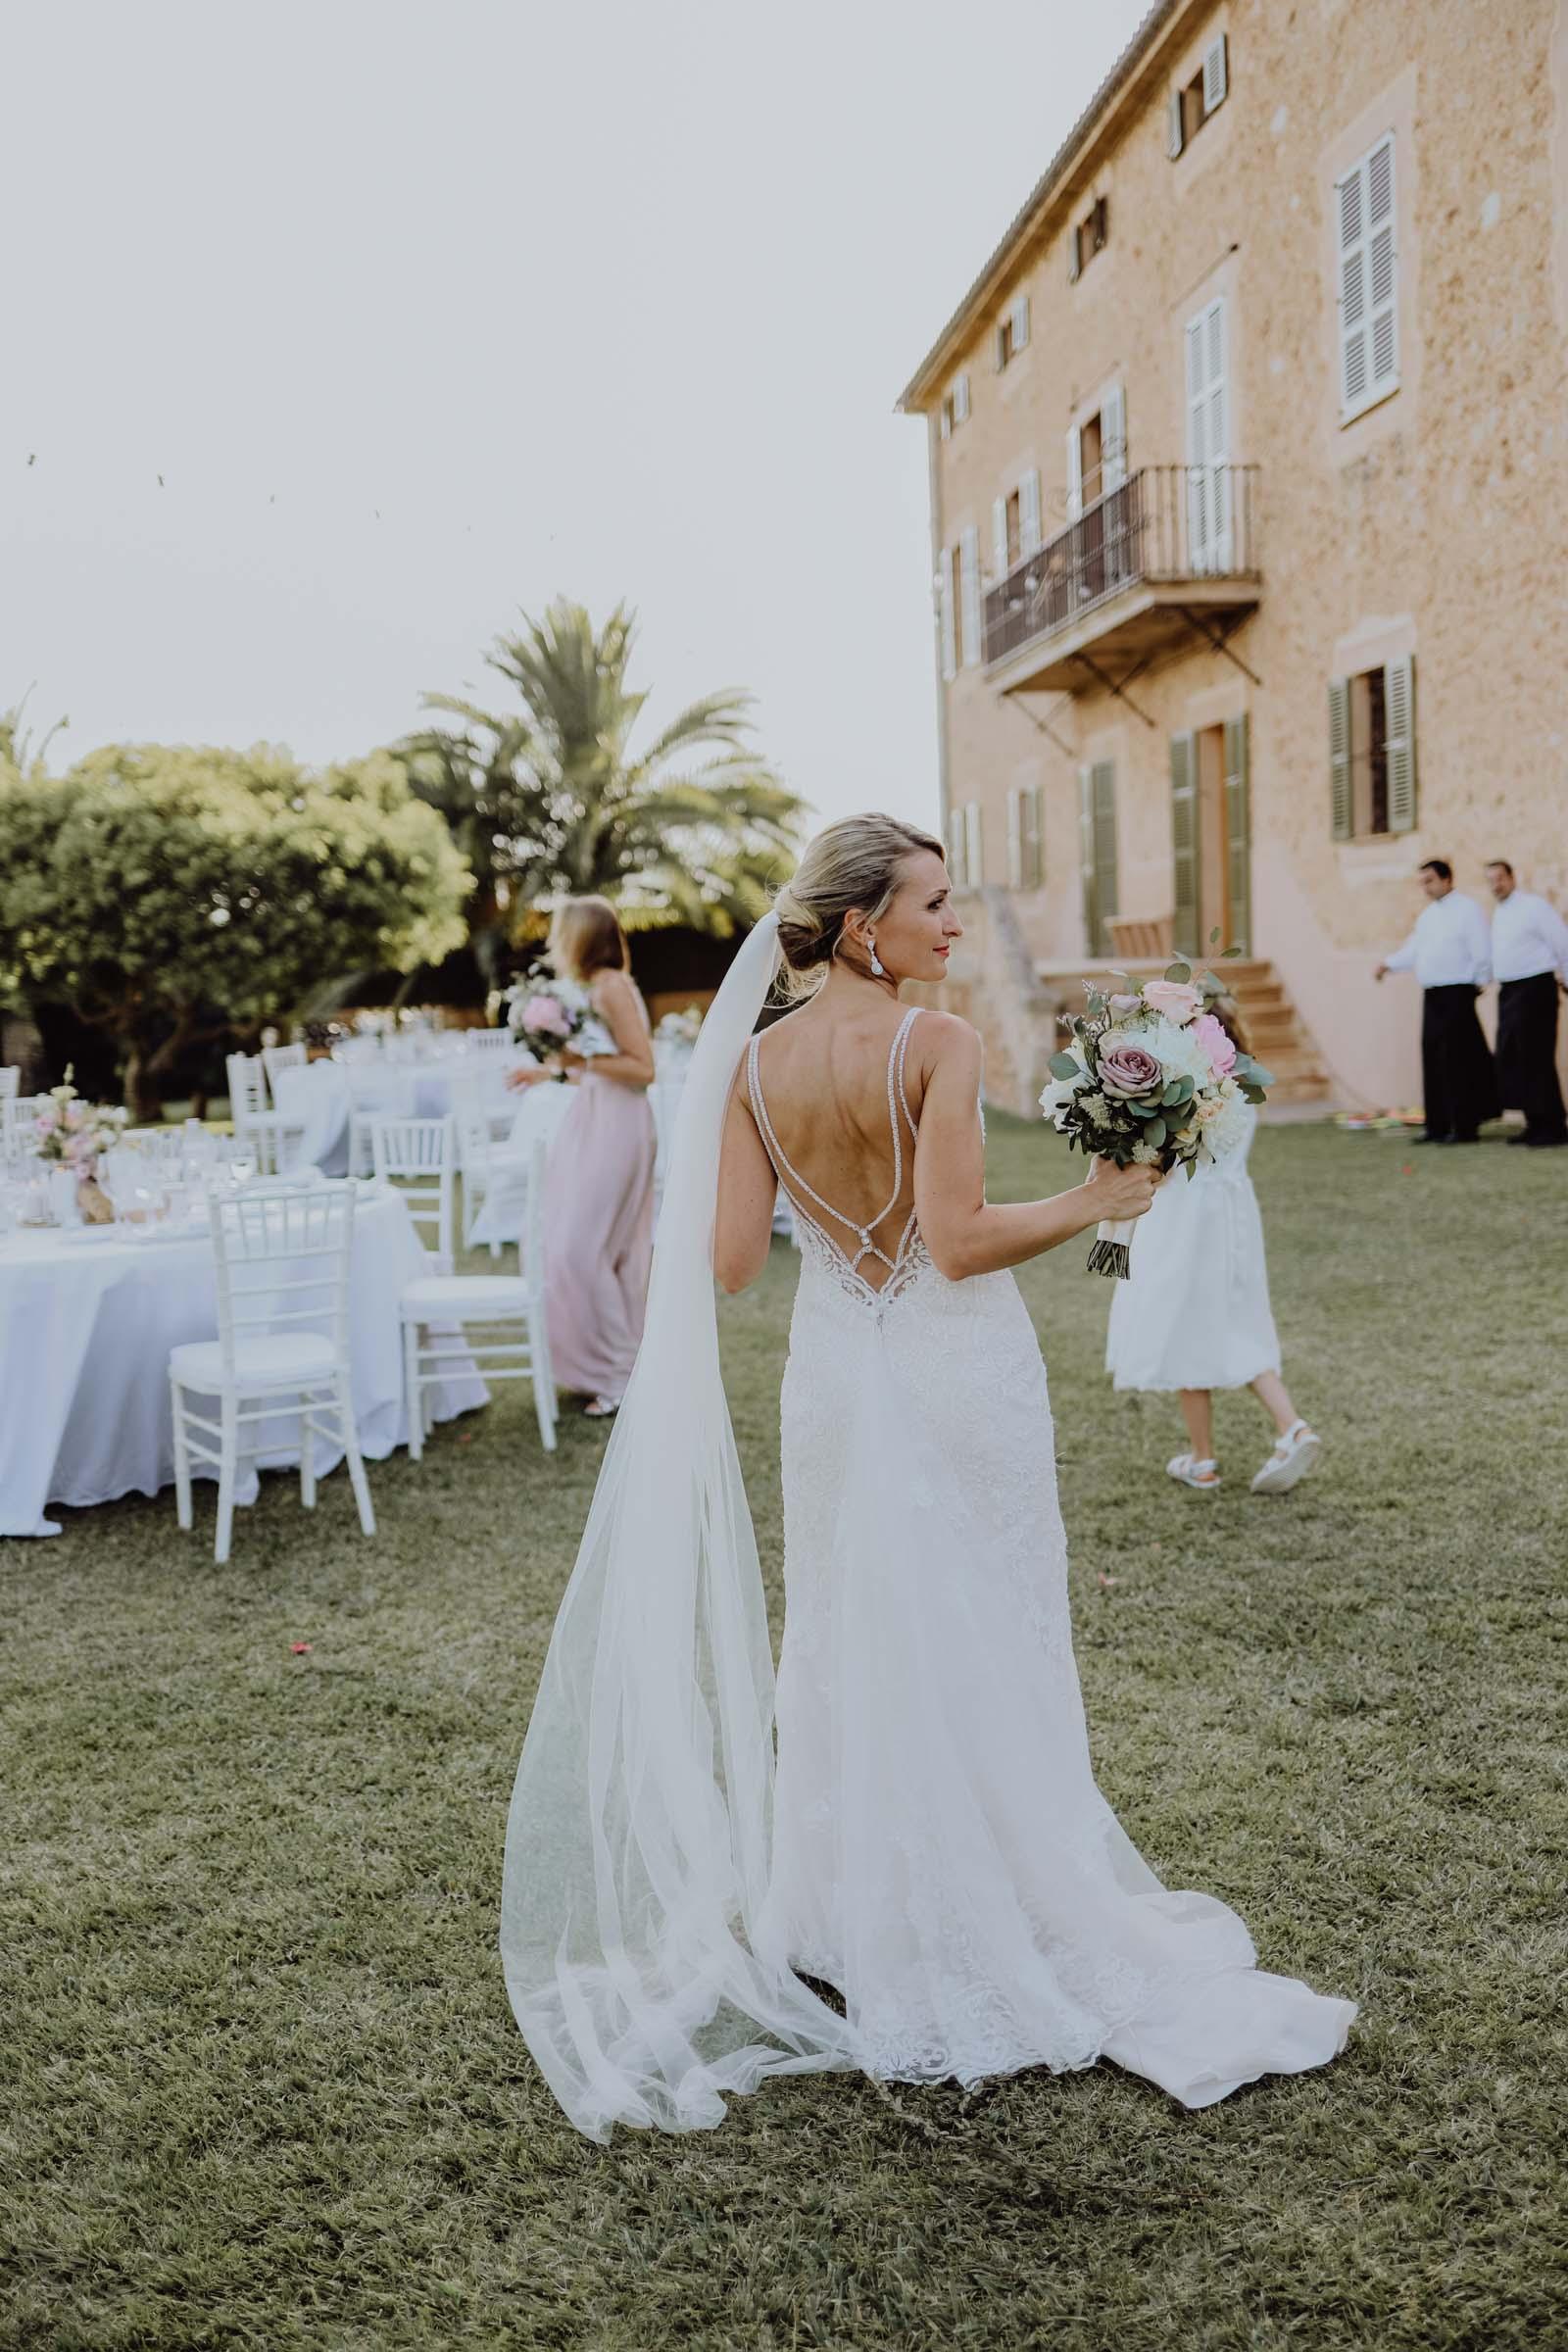 Braut steht mit Brautstrauß auf einer Wiese